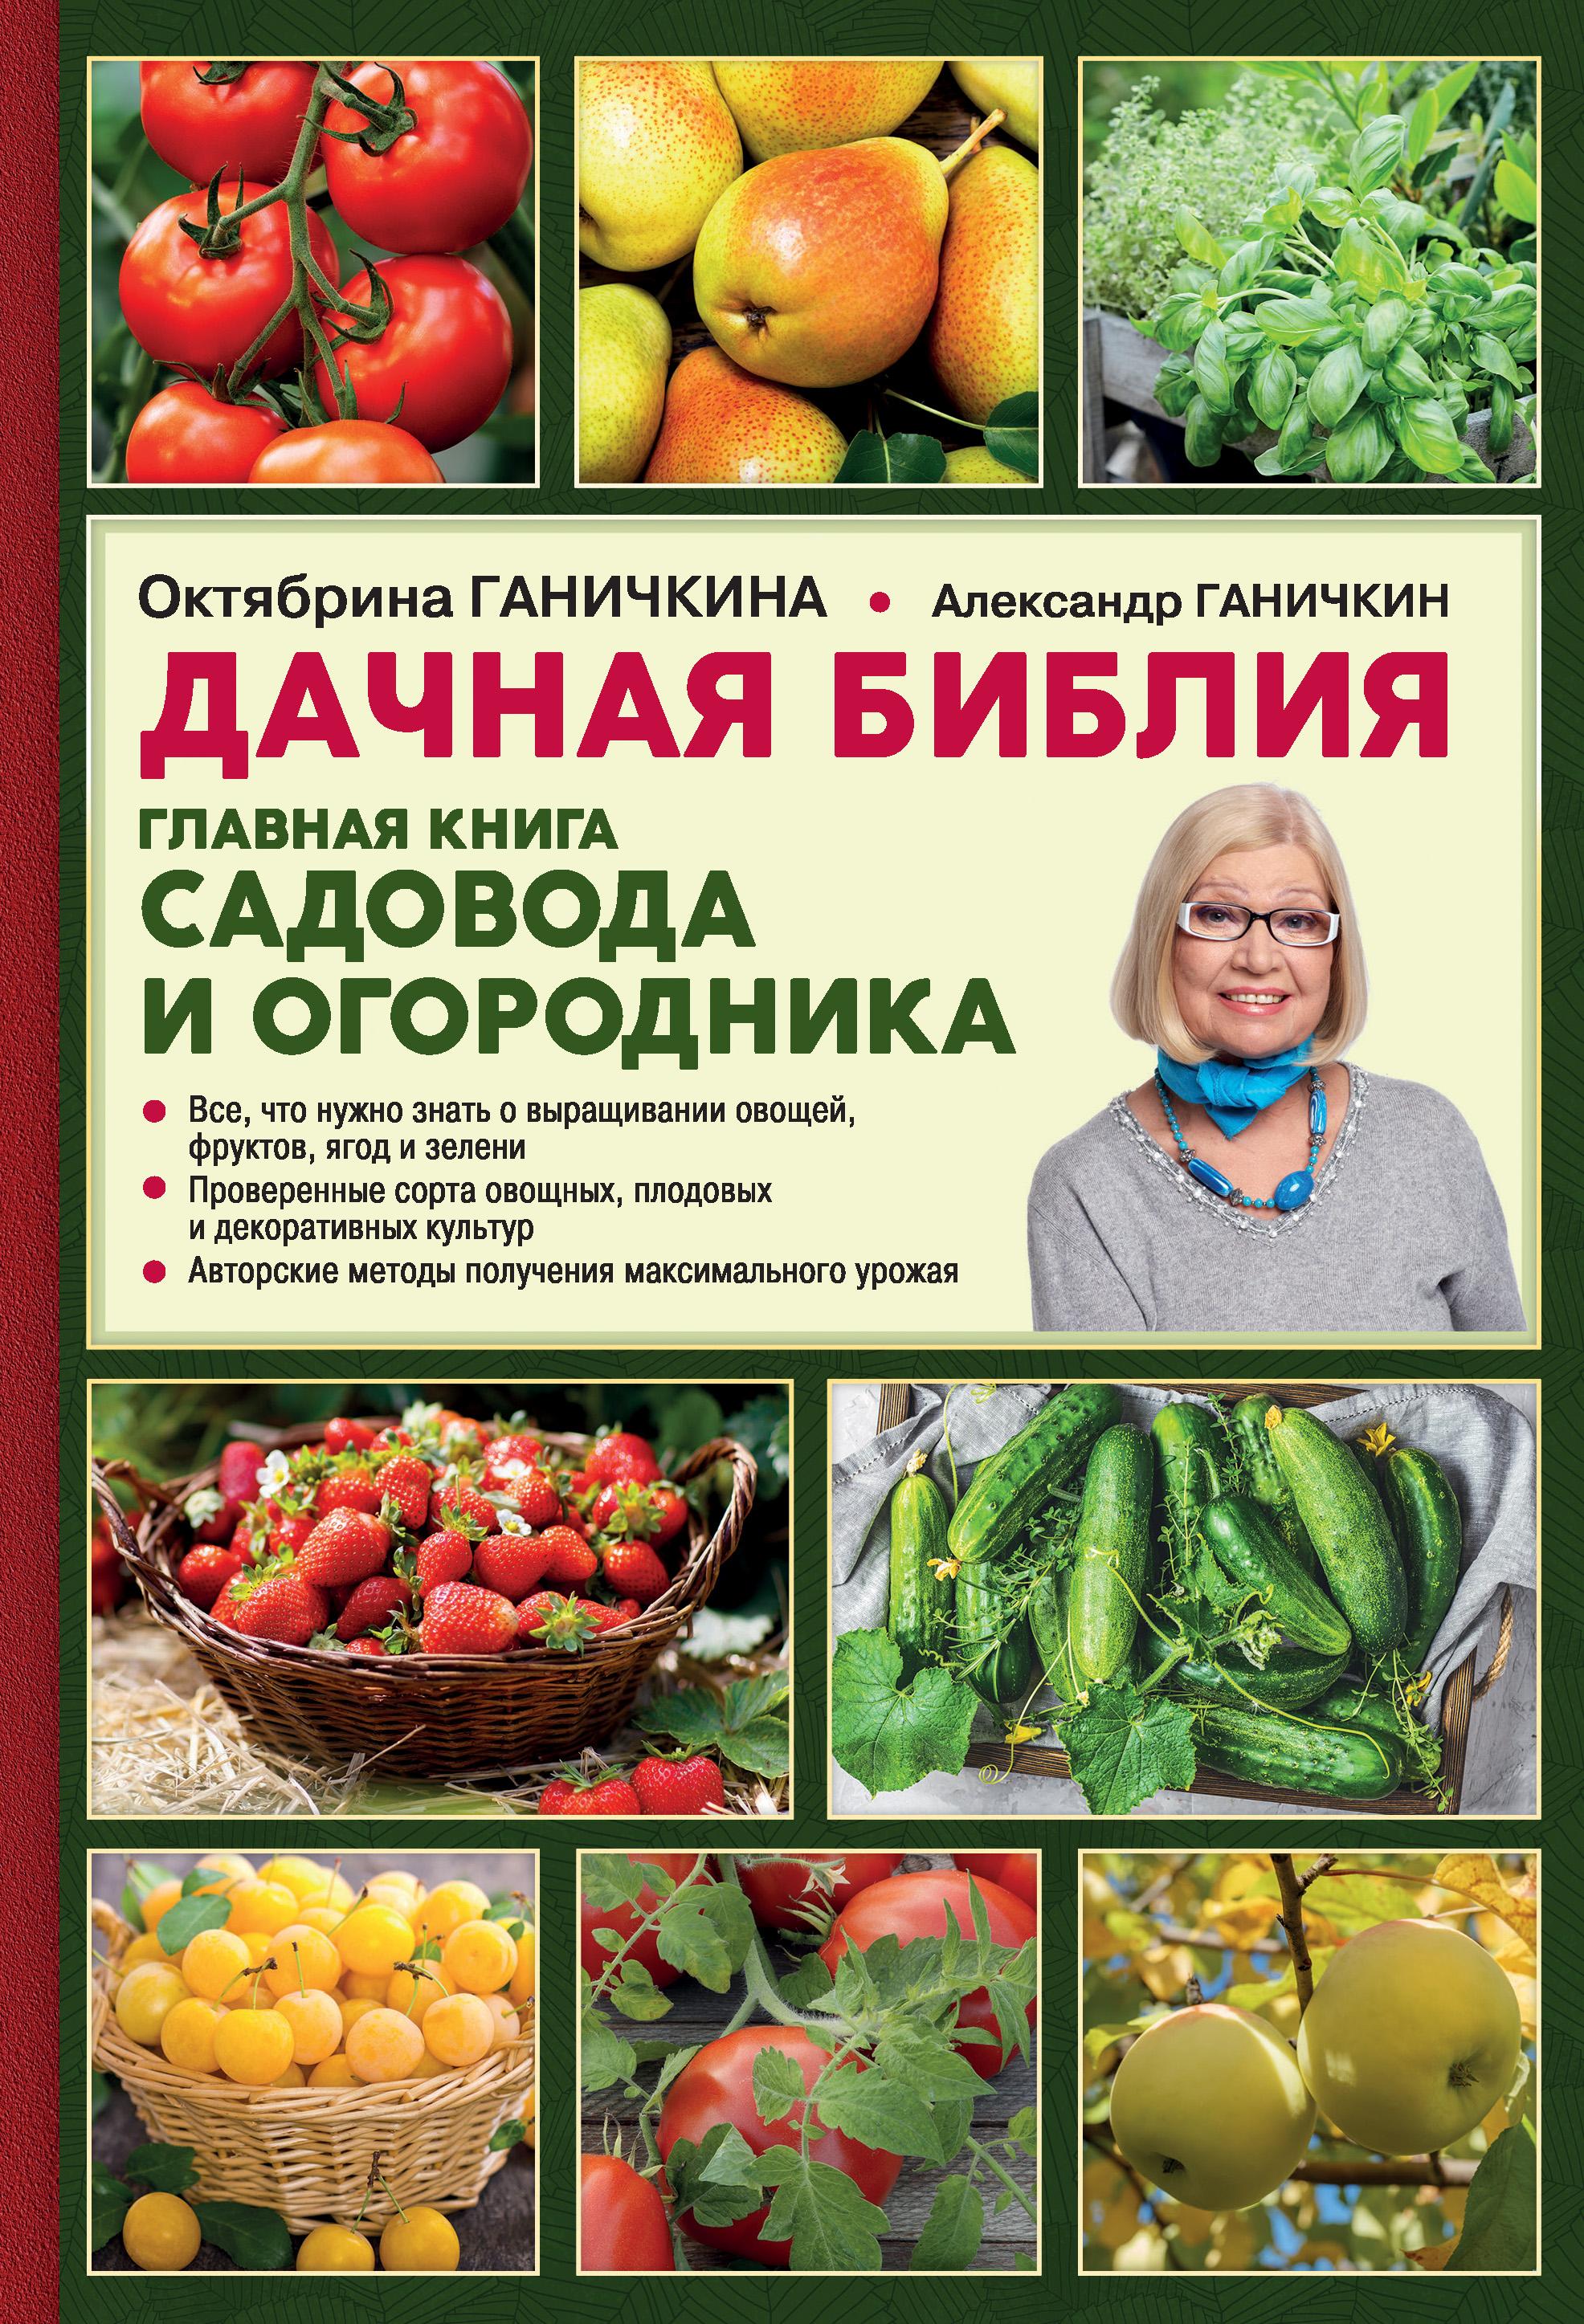 Новая энциклопедия садовода и огородника. Издание дополненное и переработанное